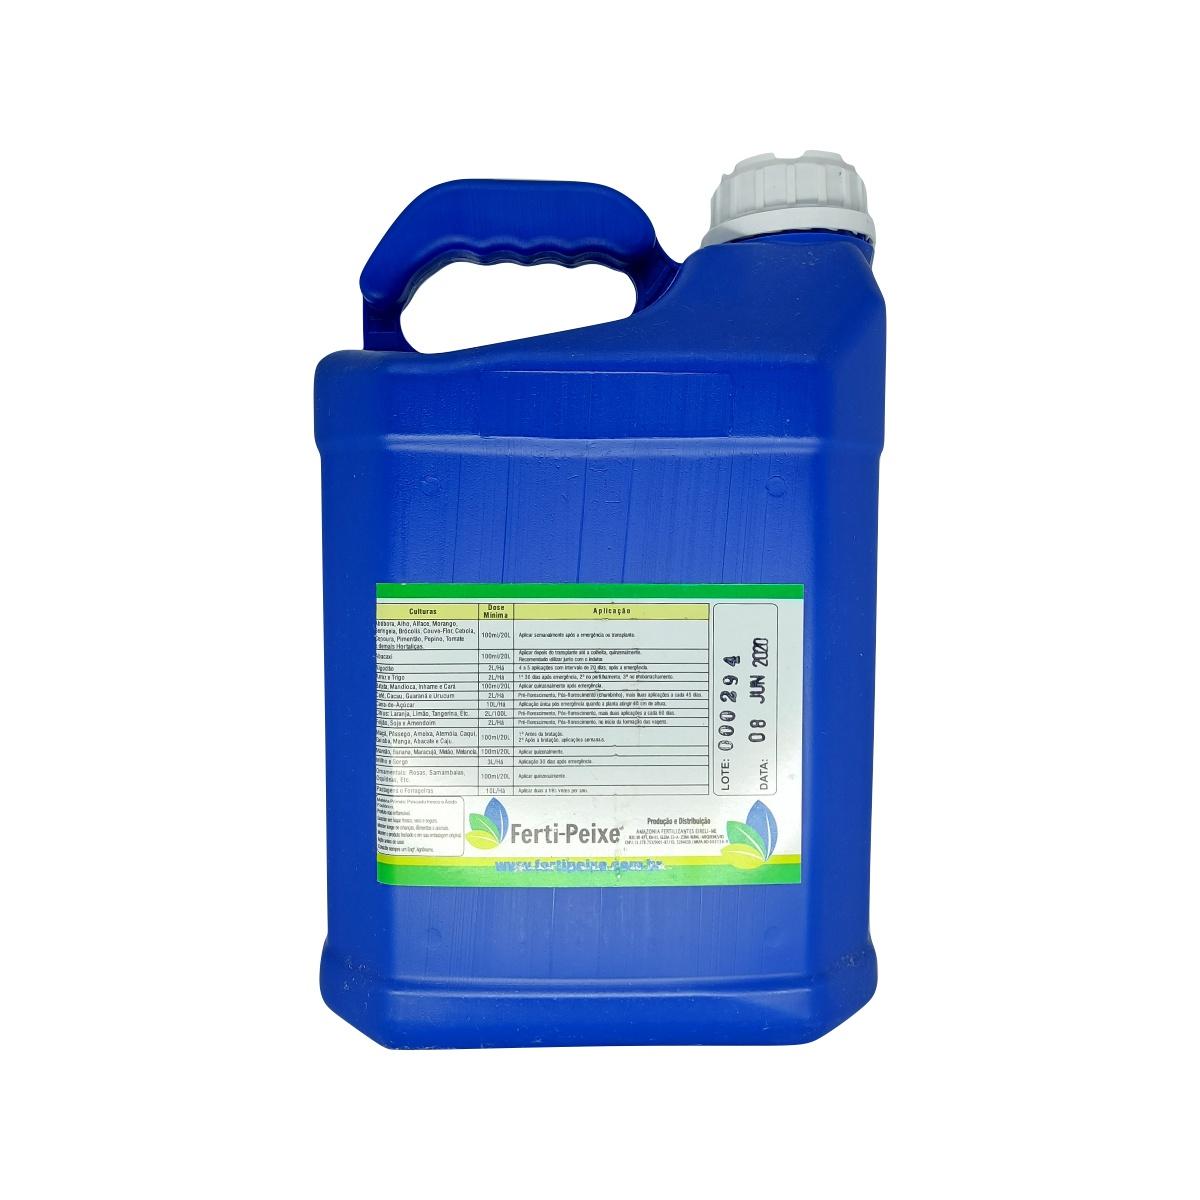 Fertilizante Orgânico Classe A (via foliar) 5 litros - Ferti-Peixe